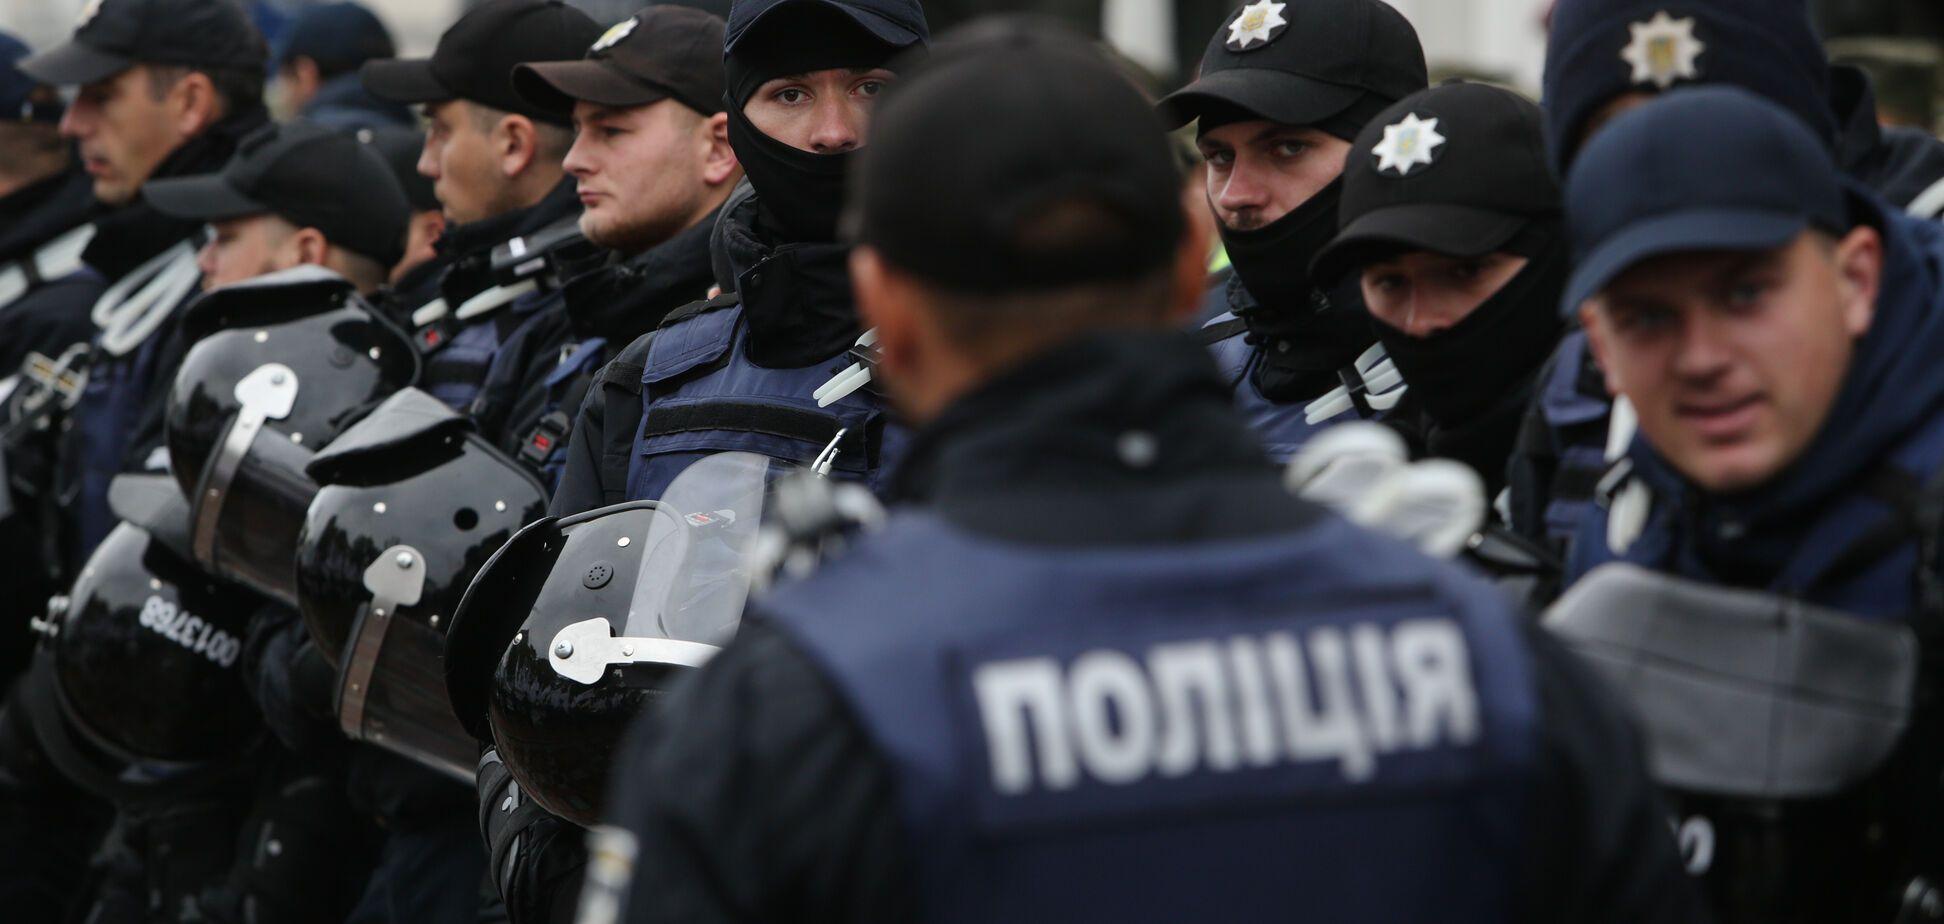 Как Аваков замахнулся на полицейское государство: детали важных переговоров